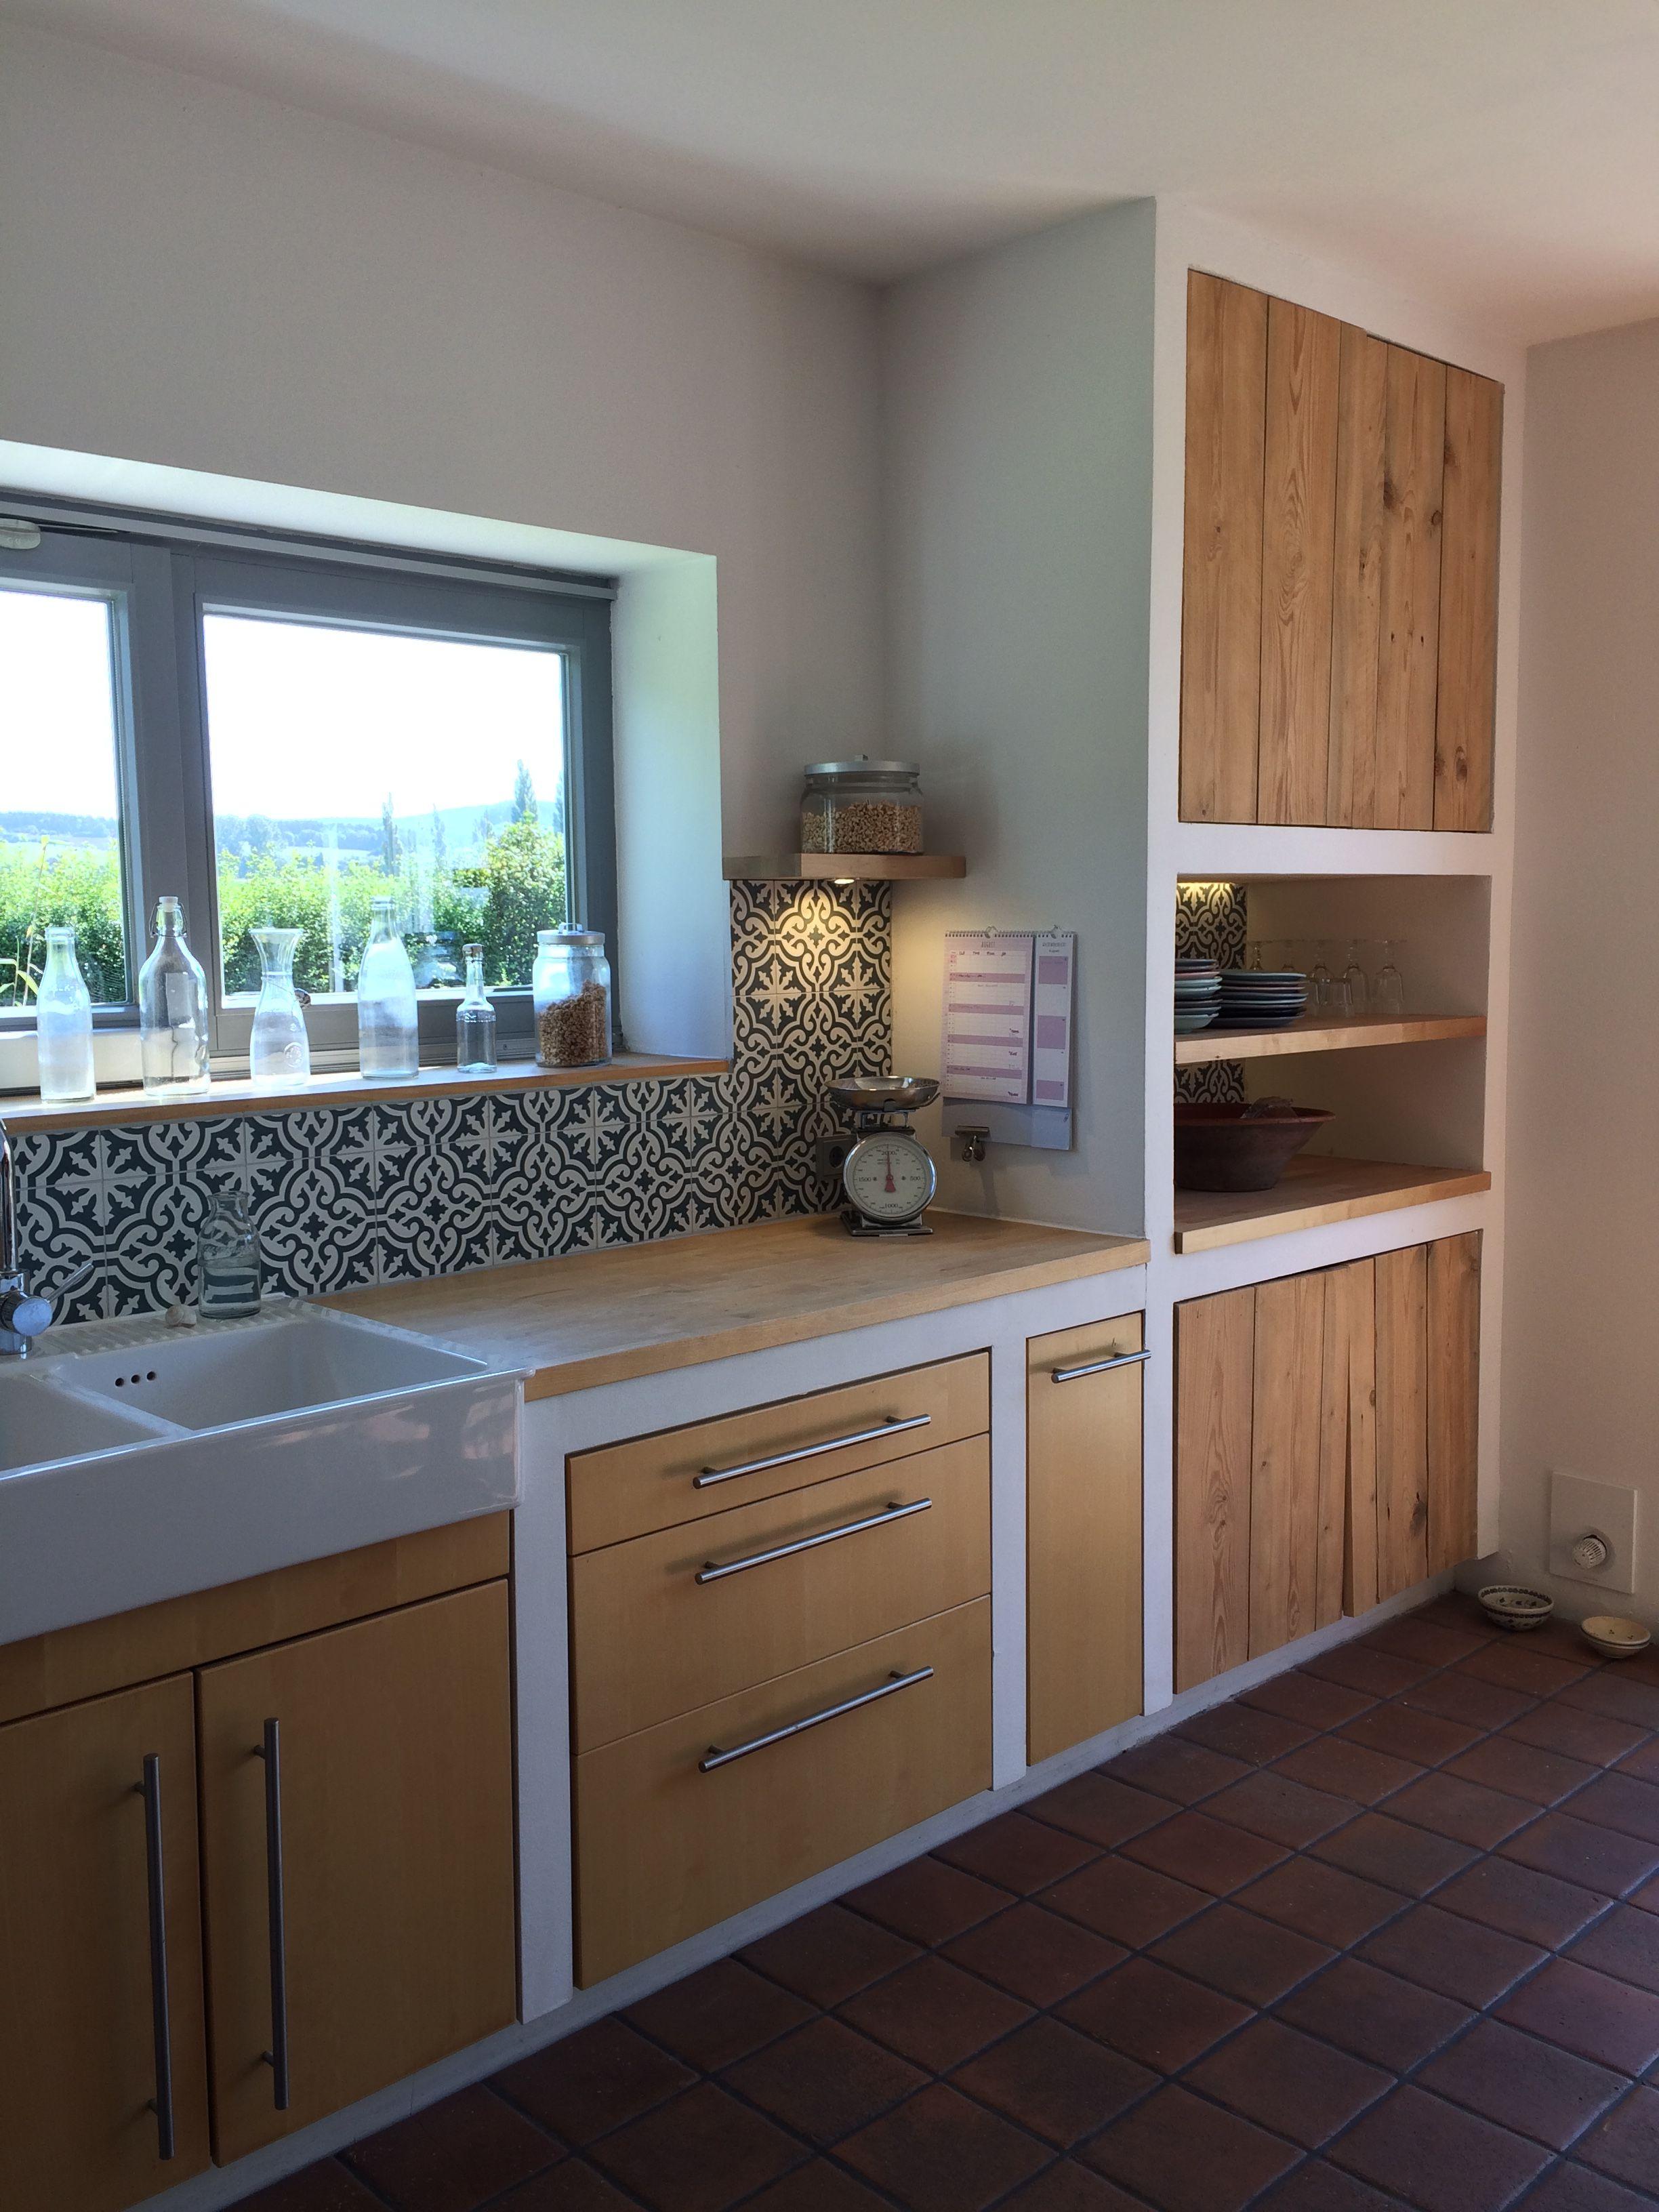 Gemauerte Küche | Happy home designer | Pinterest | Gemauerte küche ...